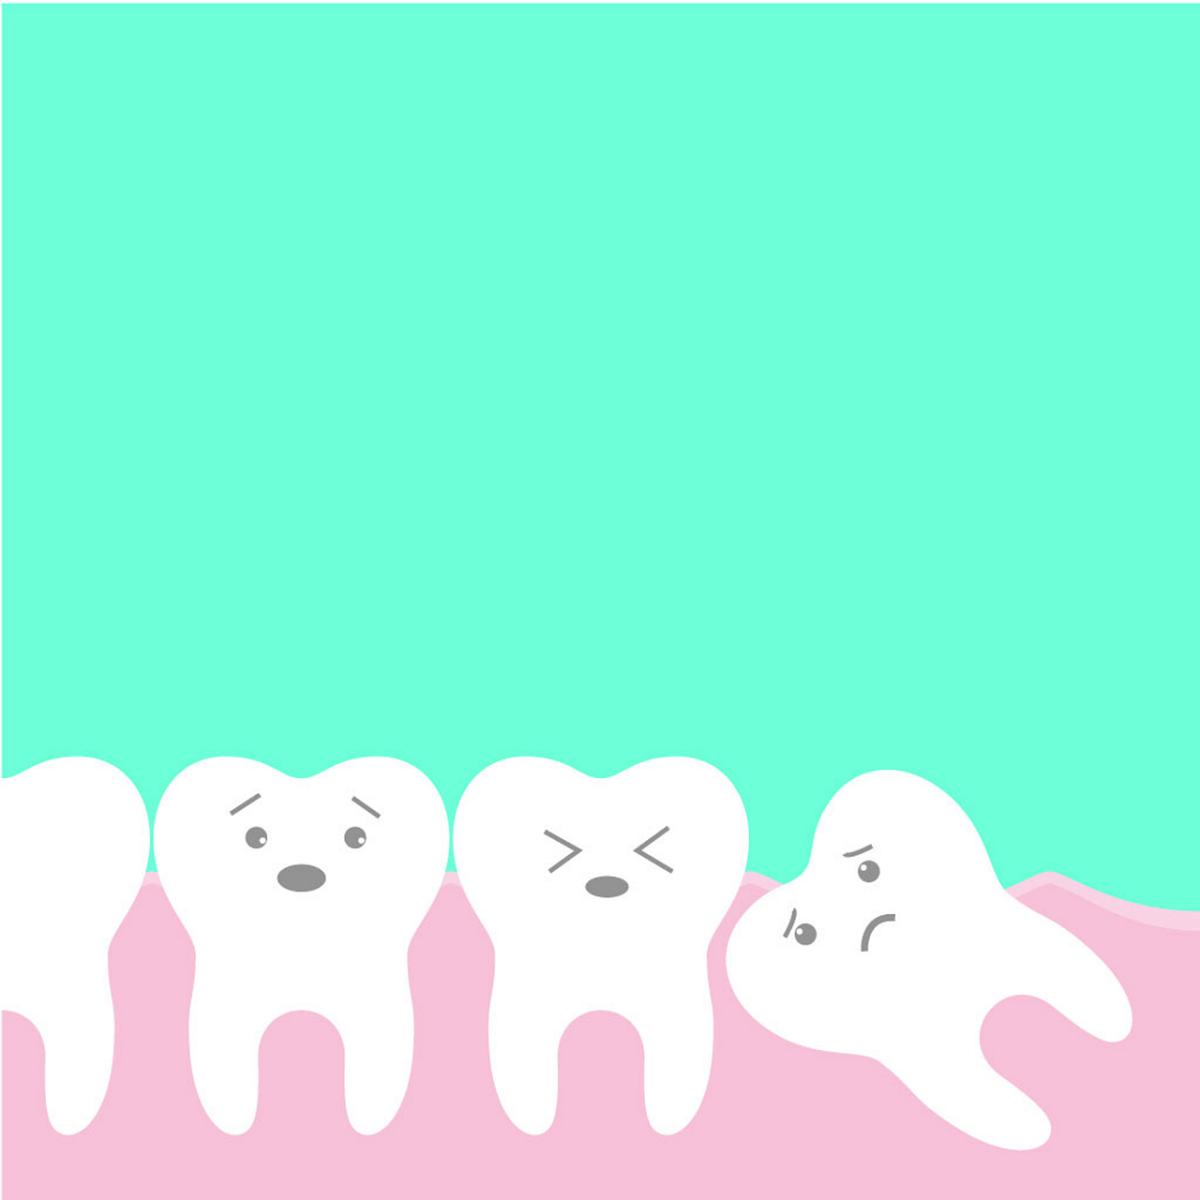 醫生,我可以拔牙嗎?